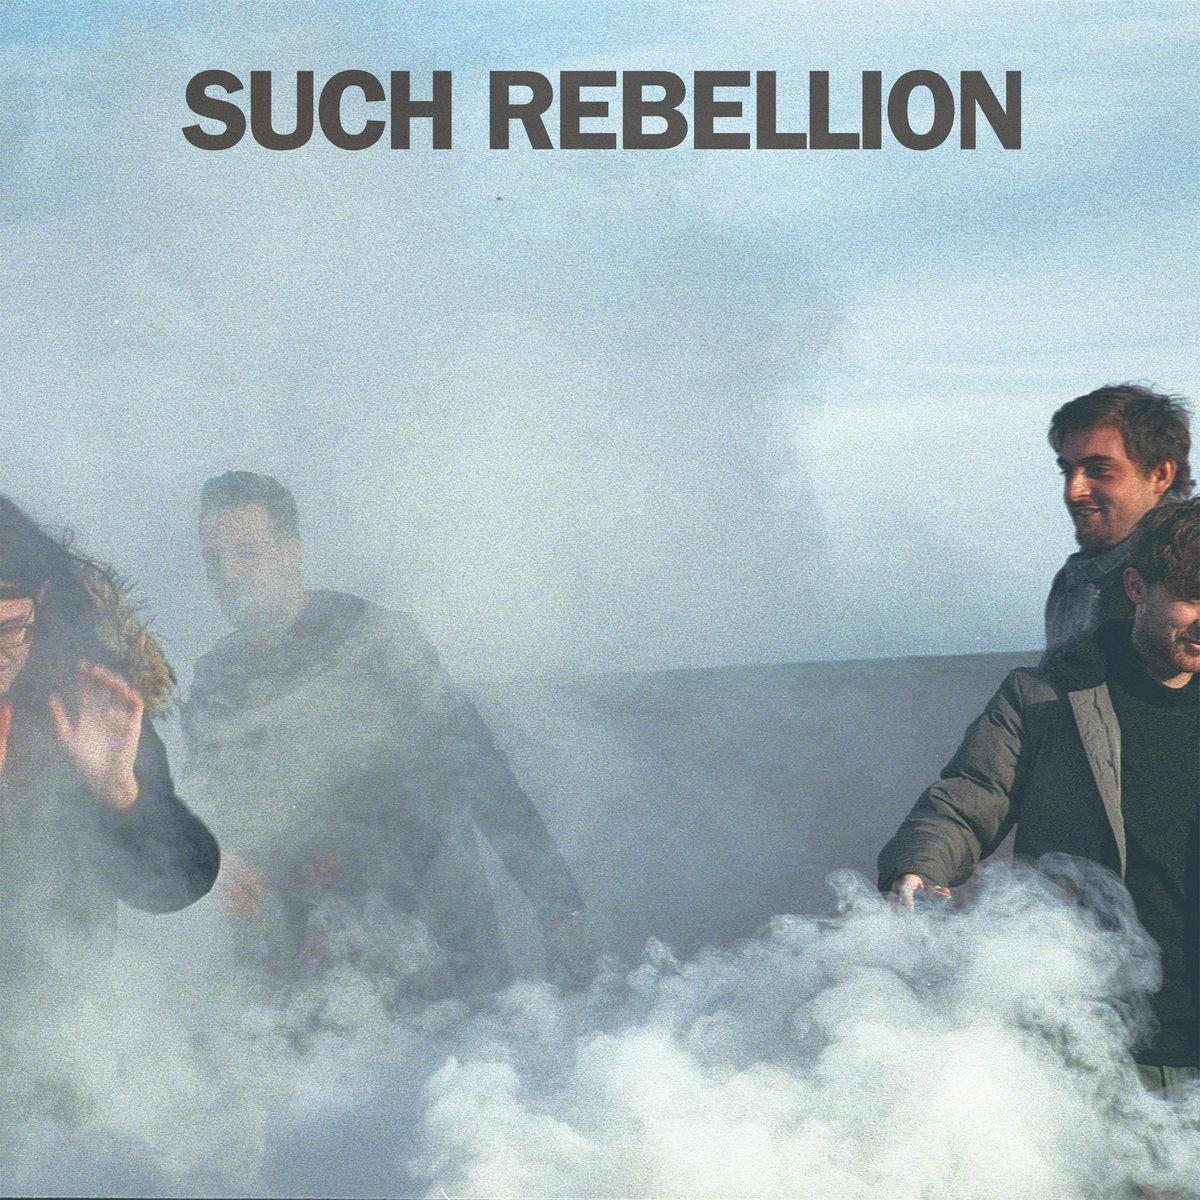 Such Rebellion